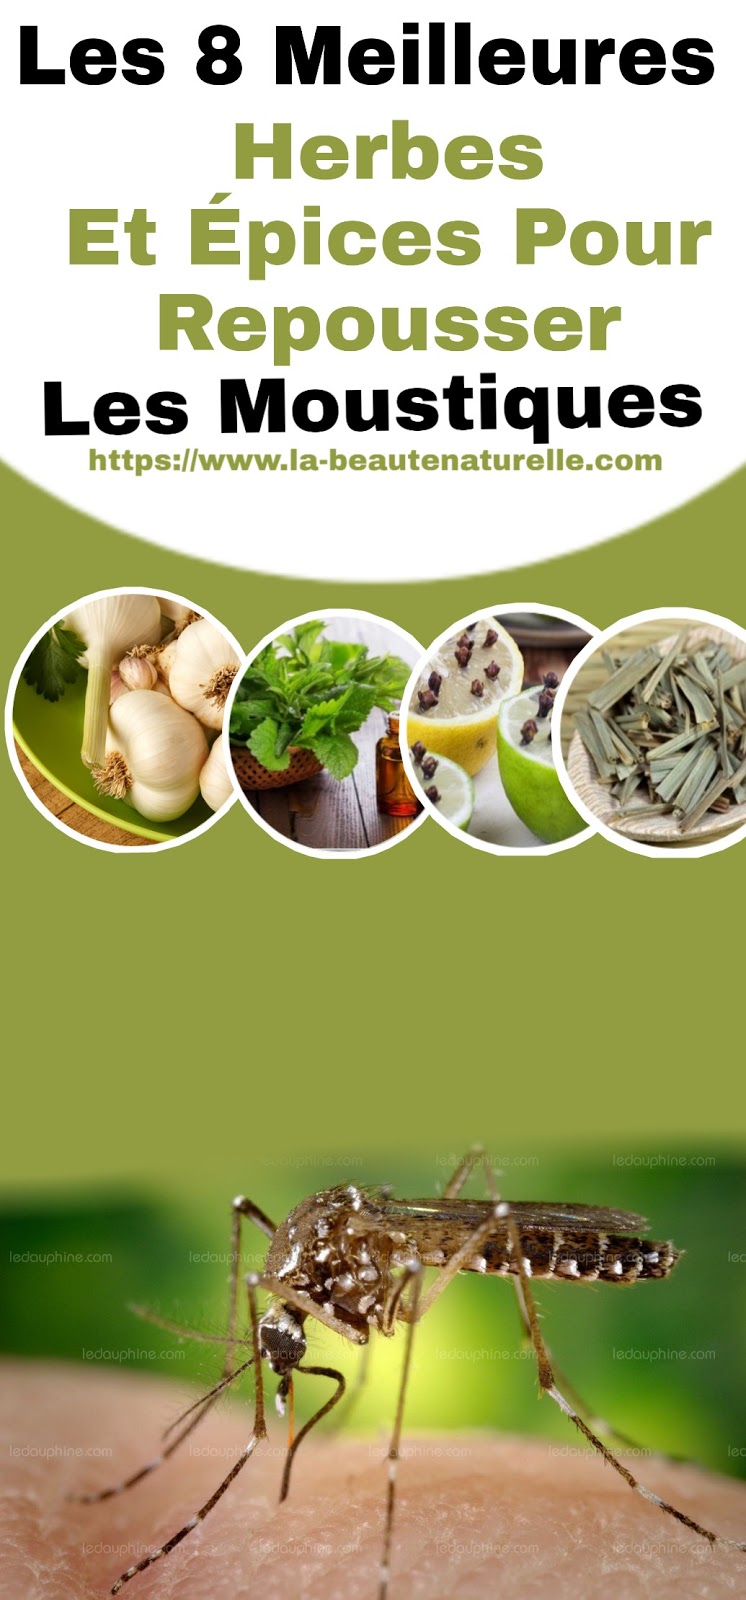 Les 8 Meilleures Herbes Et Épices Pour Repousser Les Moustiques